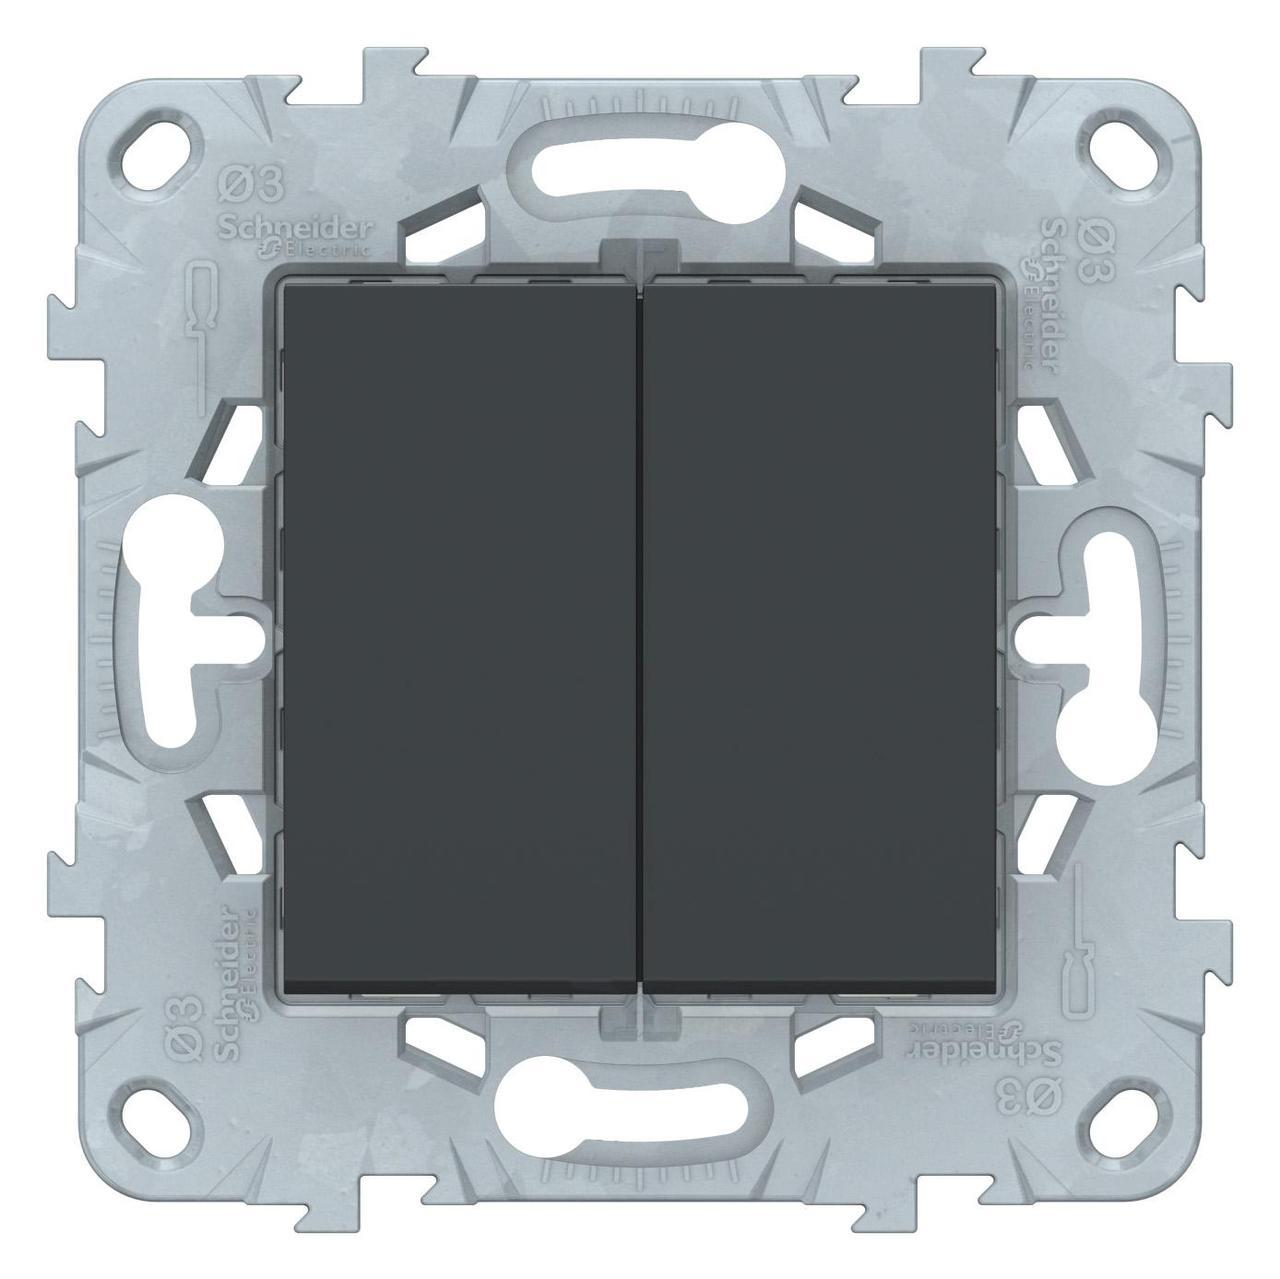 Выключатель 2-клавишный, перекрестный (с трех мест , Антрацит, серия Unica New, Schneider Electric